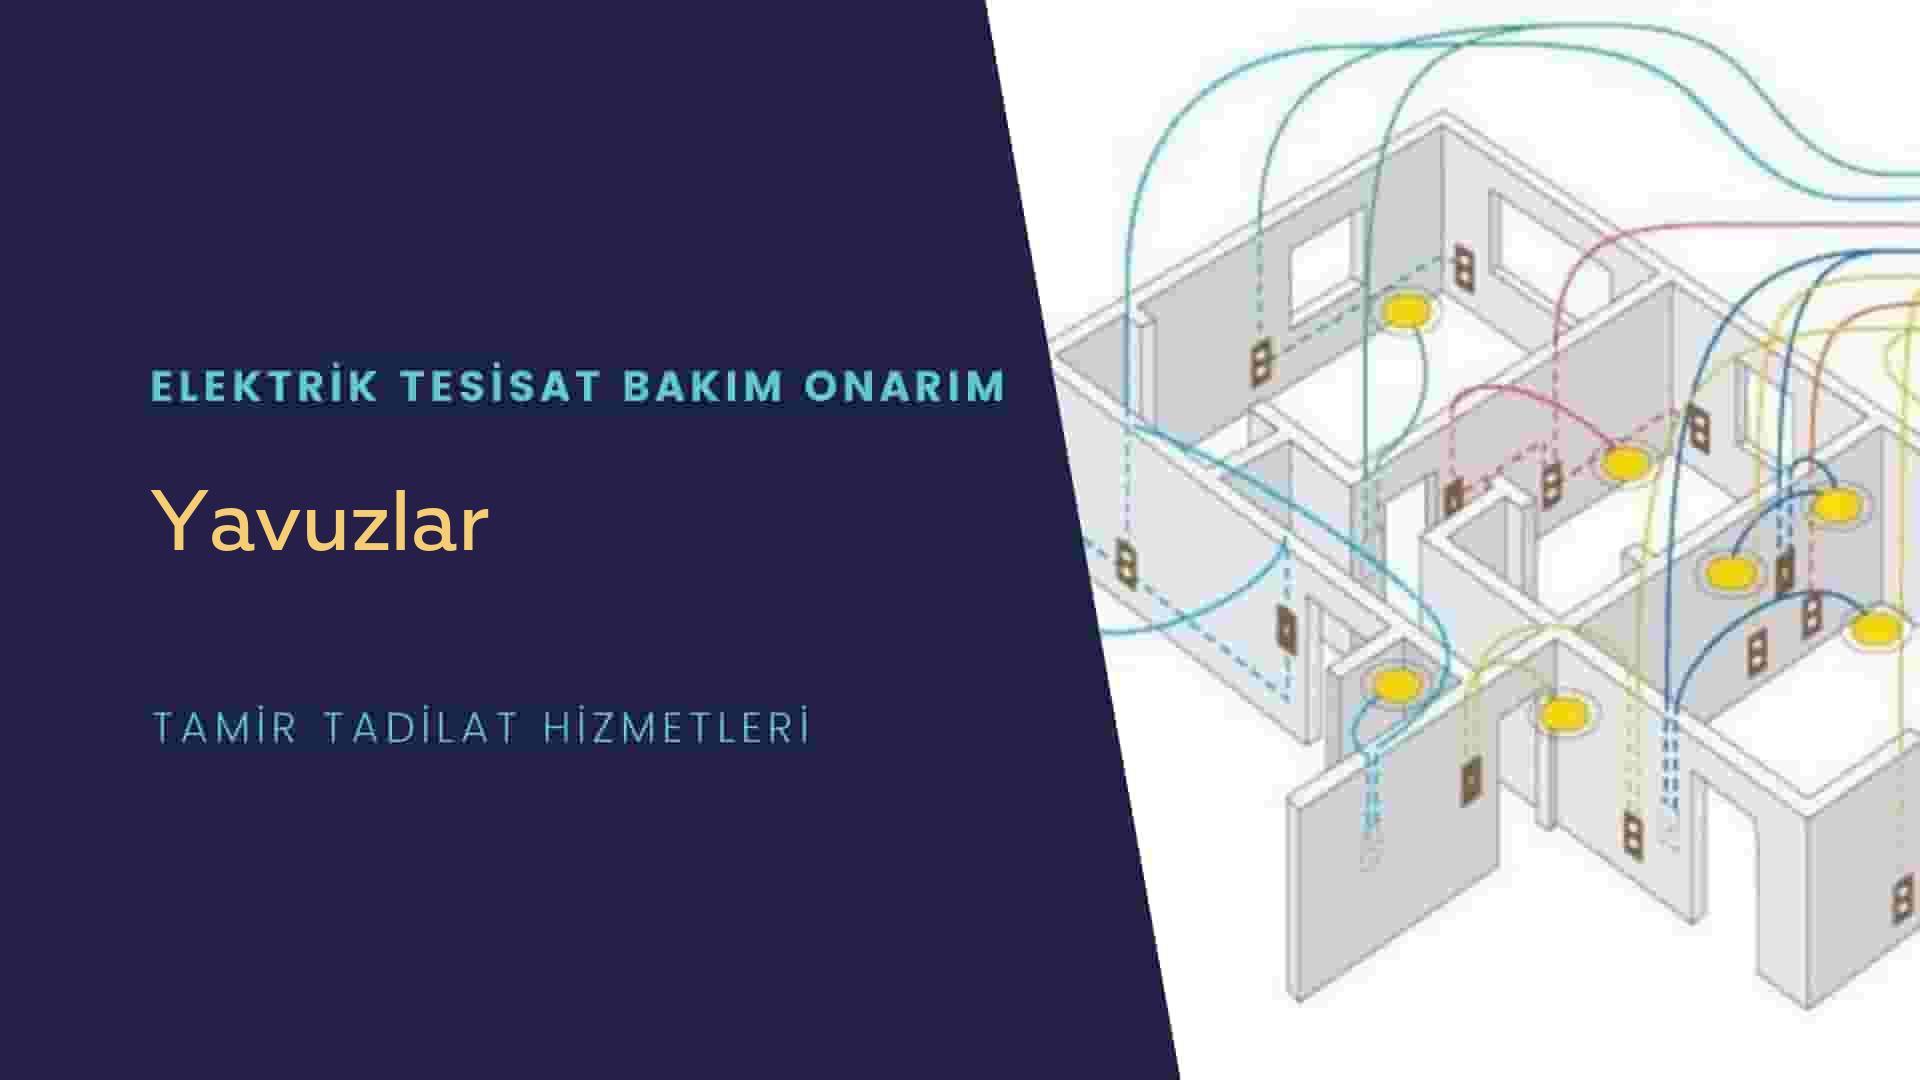 Yavuzlar'da elektrik tesisatıustalarımı arıyorsunuz doğru adrestenizi Yavuzlar elektrik tesisatı ustalarımız 7/24 sizlere hizmet vermekten mutluluk duyar.